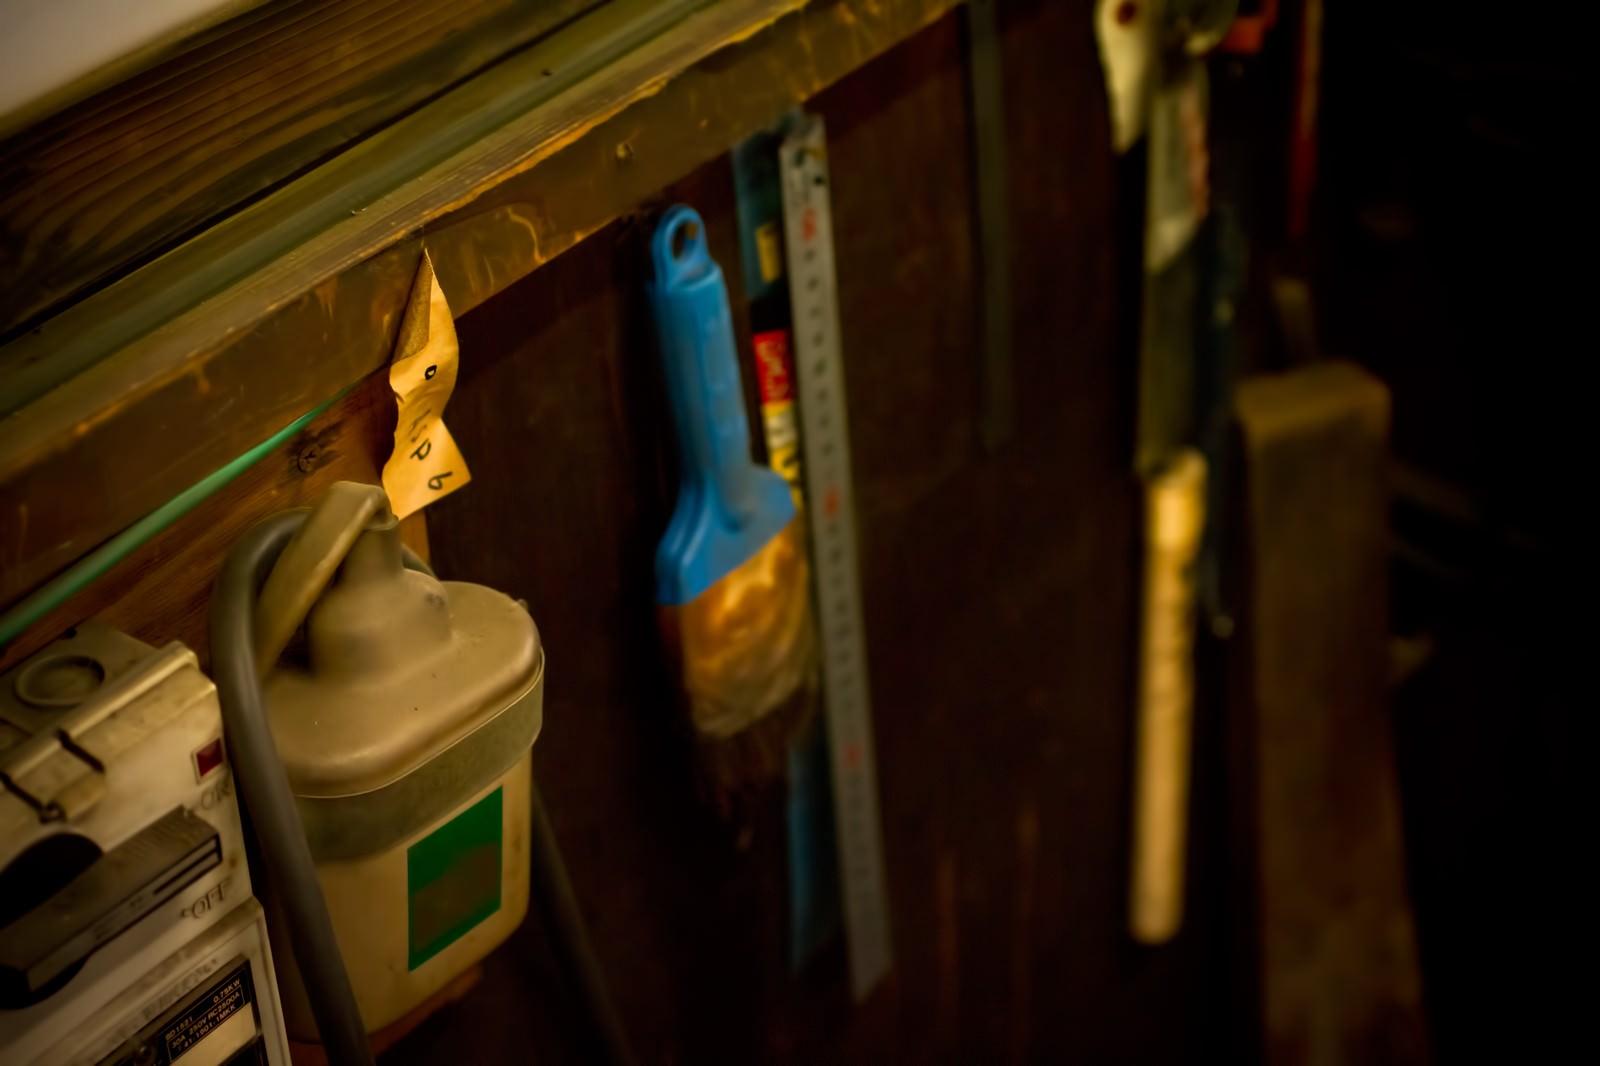 「スケール等の工具類 | 写真の無料素材・フリー素材 - ぱくたそ」の写真